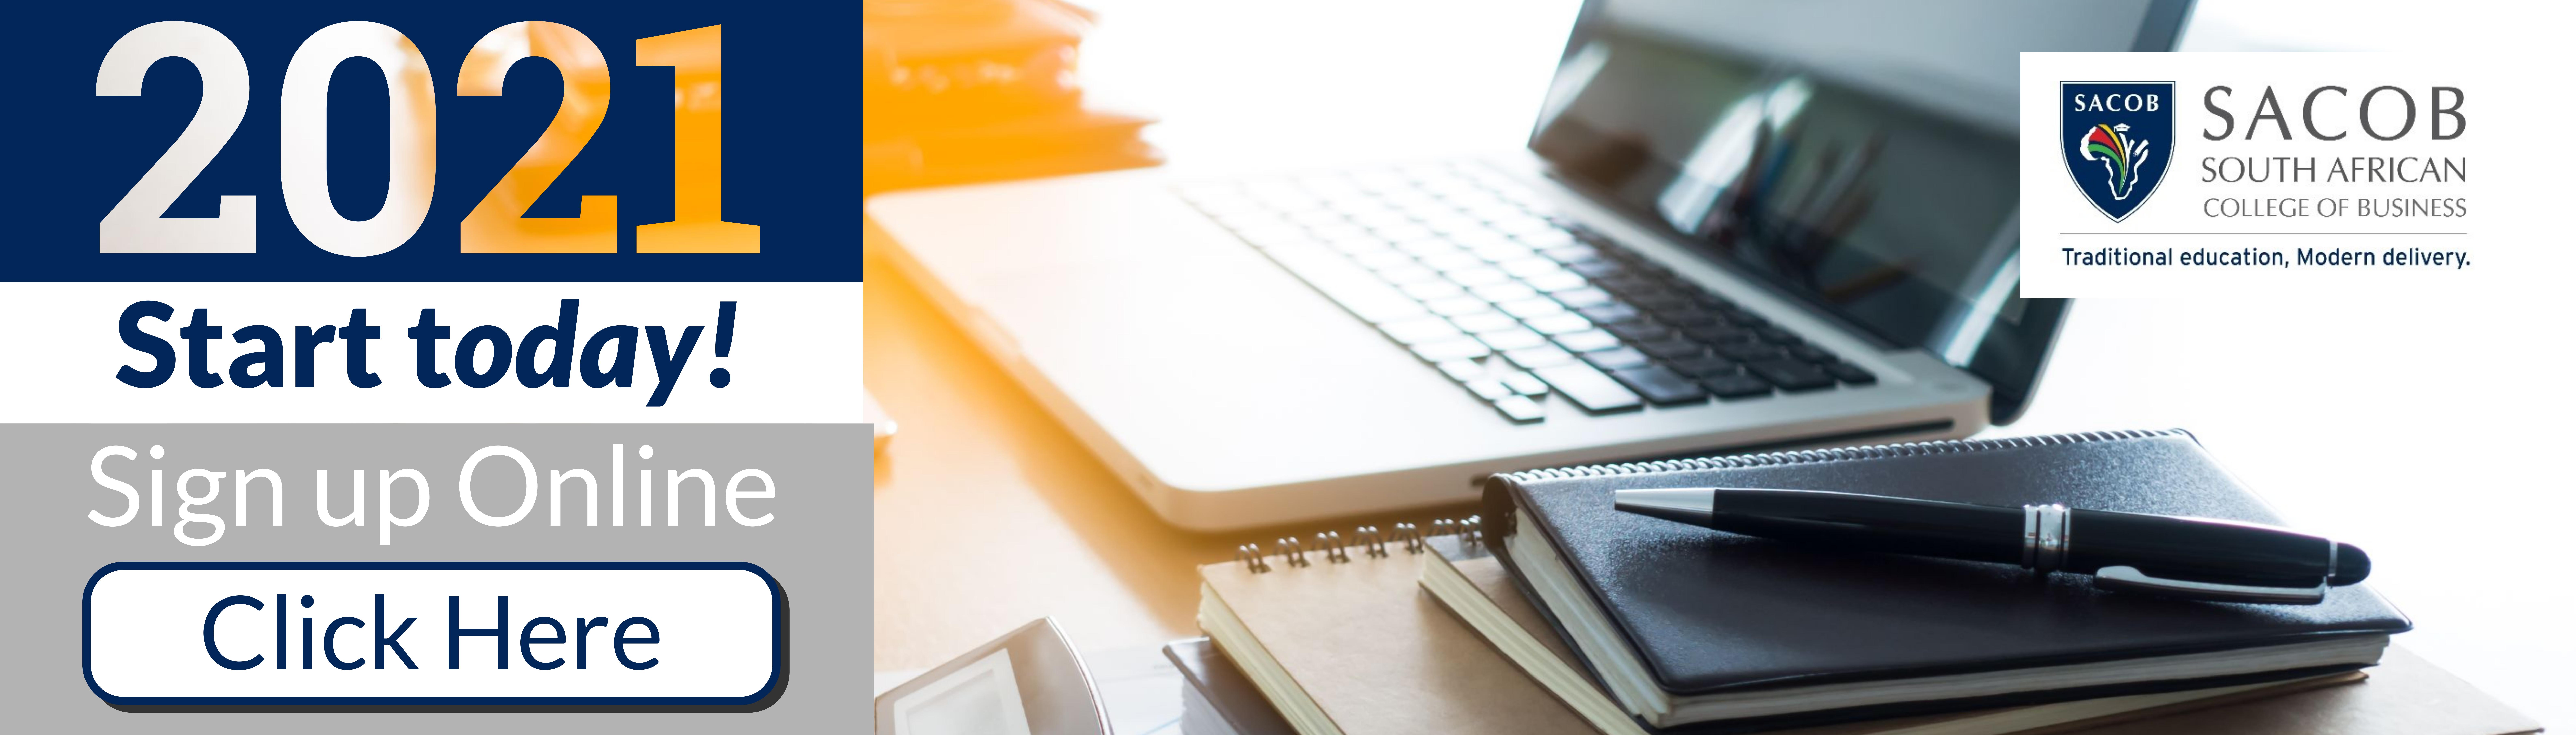 2021 Start your online studies today!